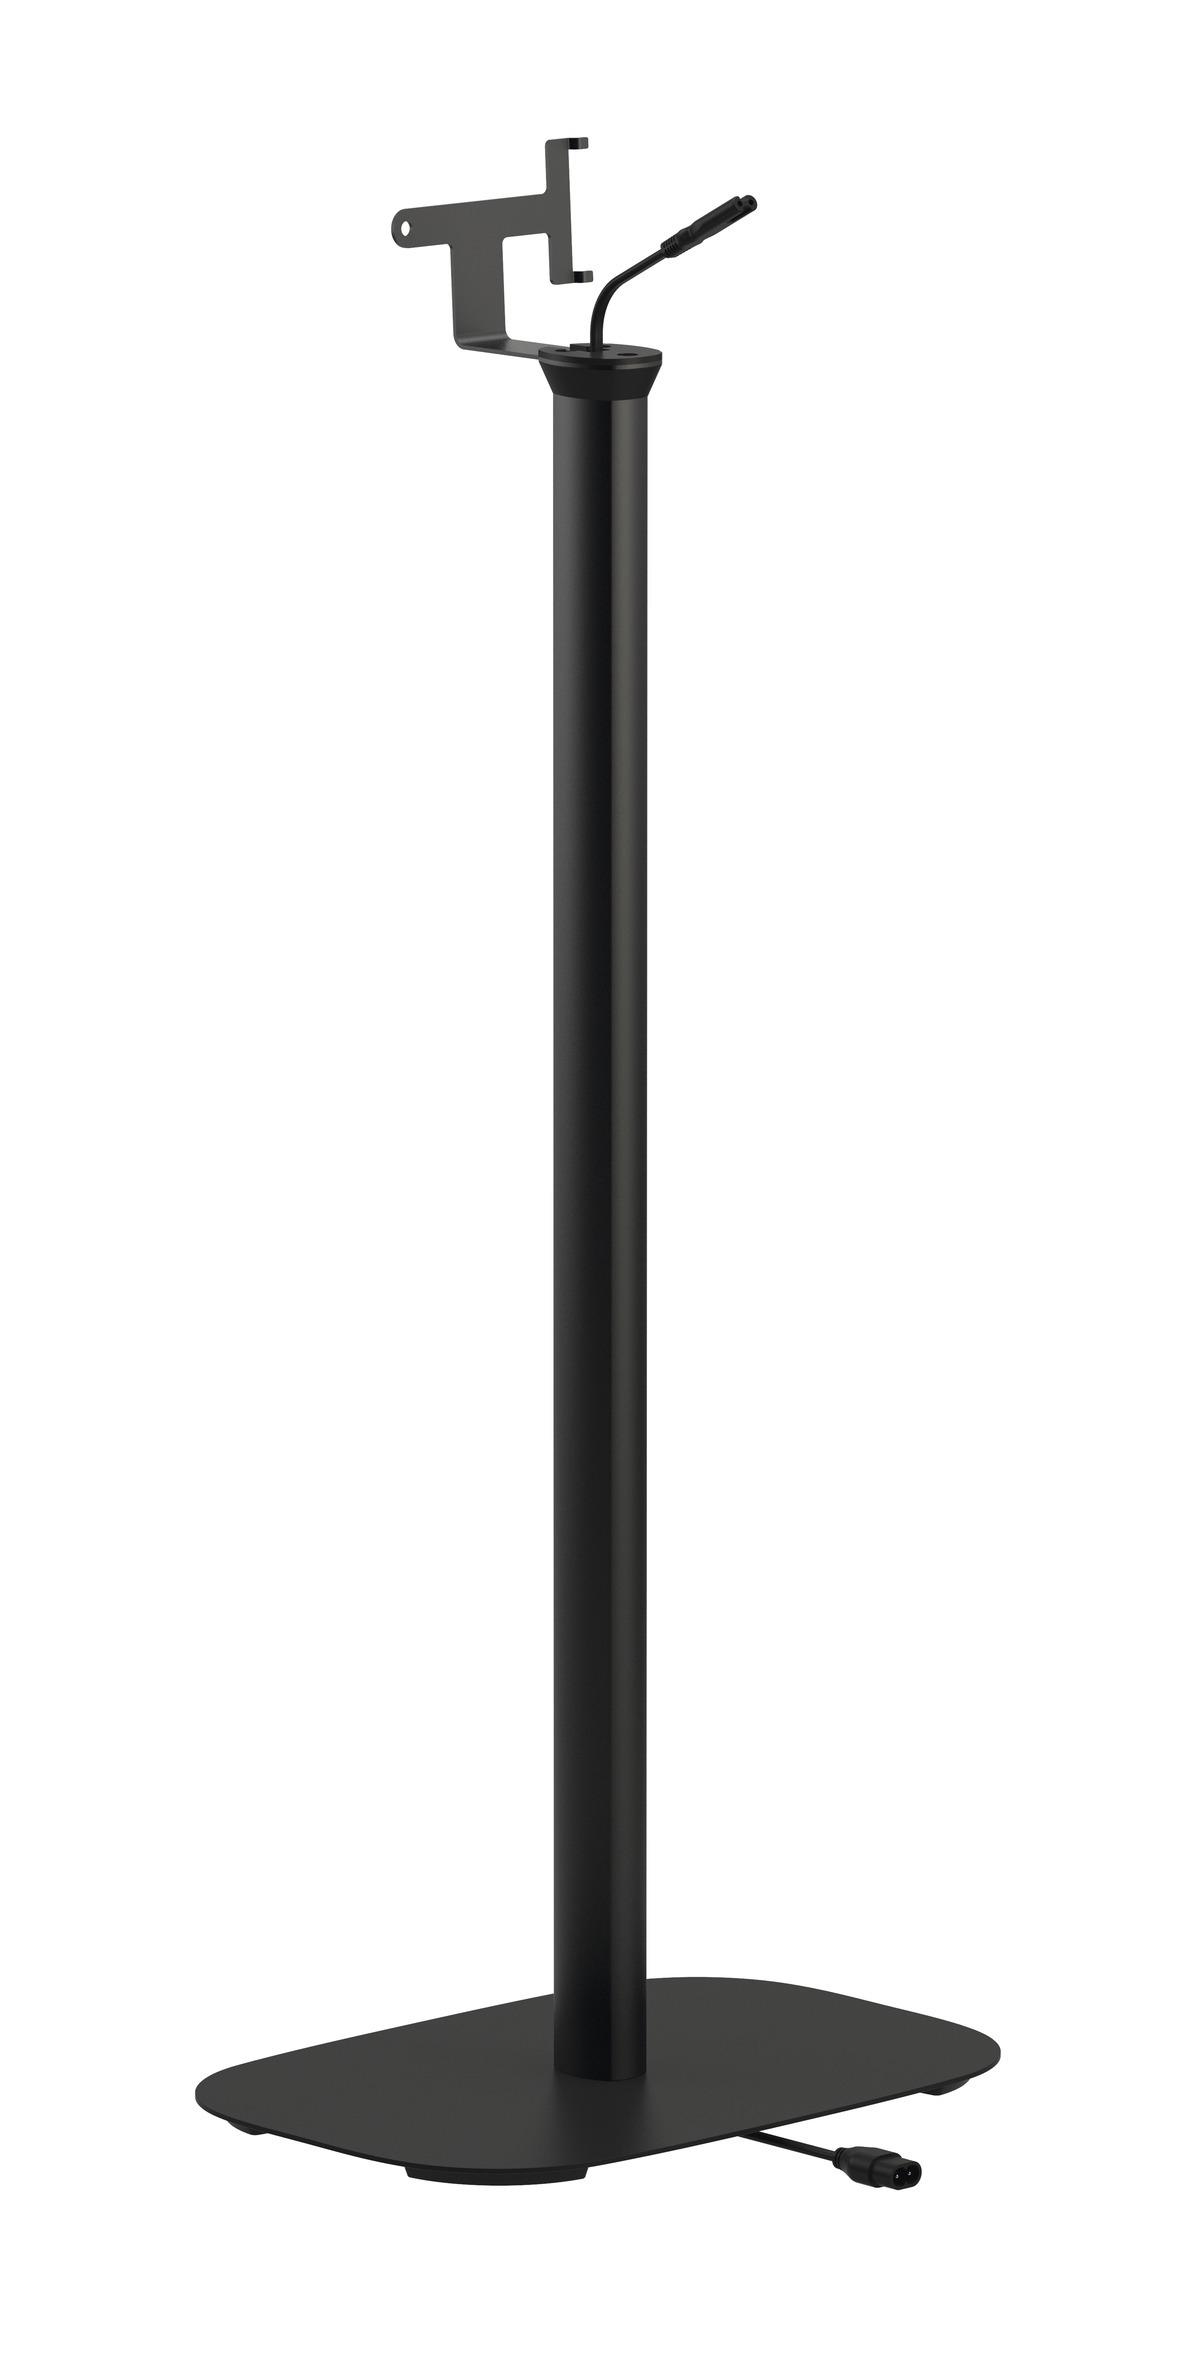 Vogels audio vloerstandaard SOUND 4303 FLOOR STAND PLAY3 zwart